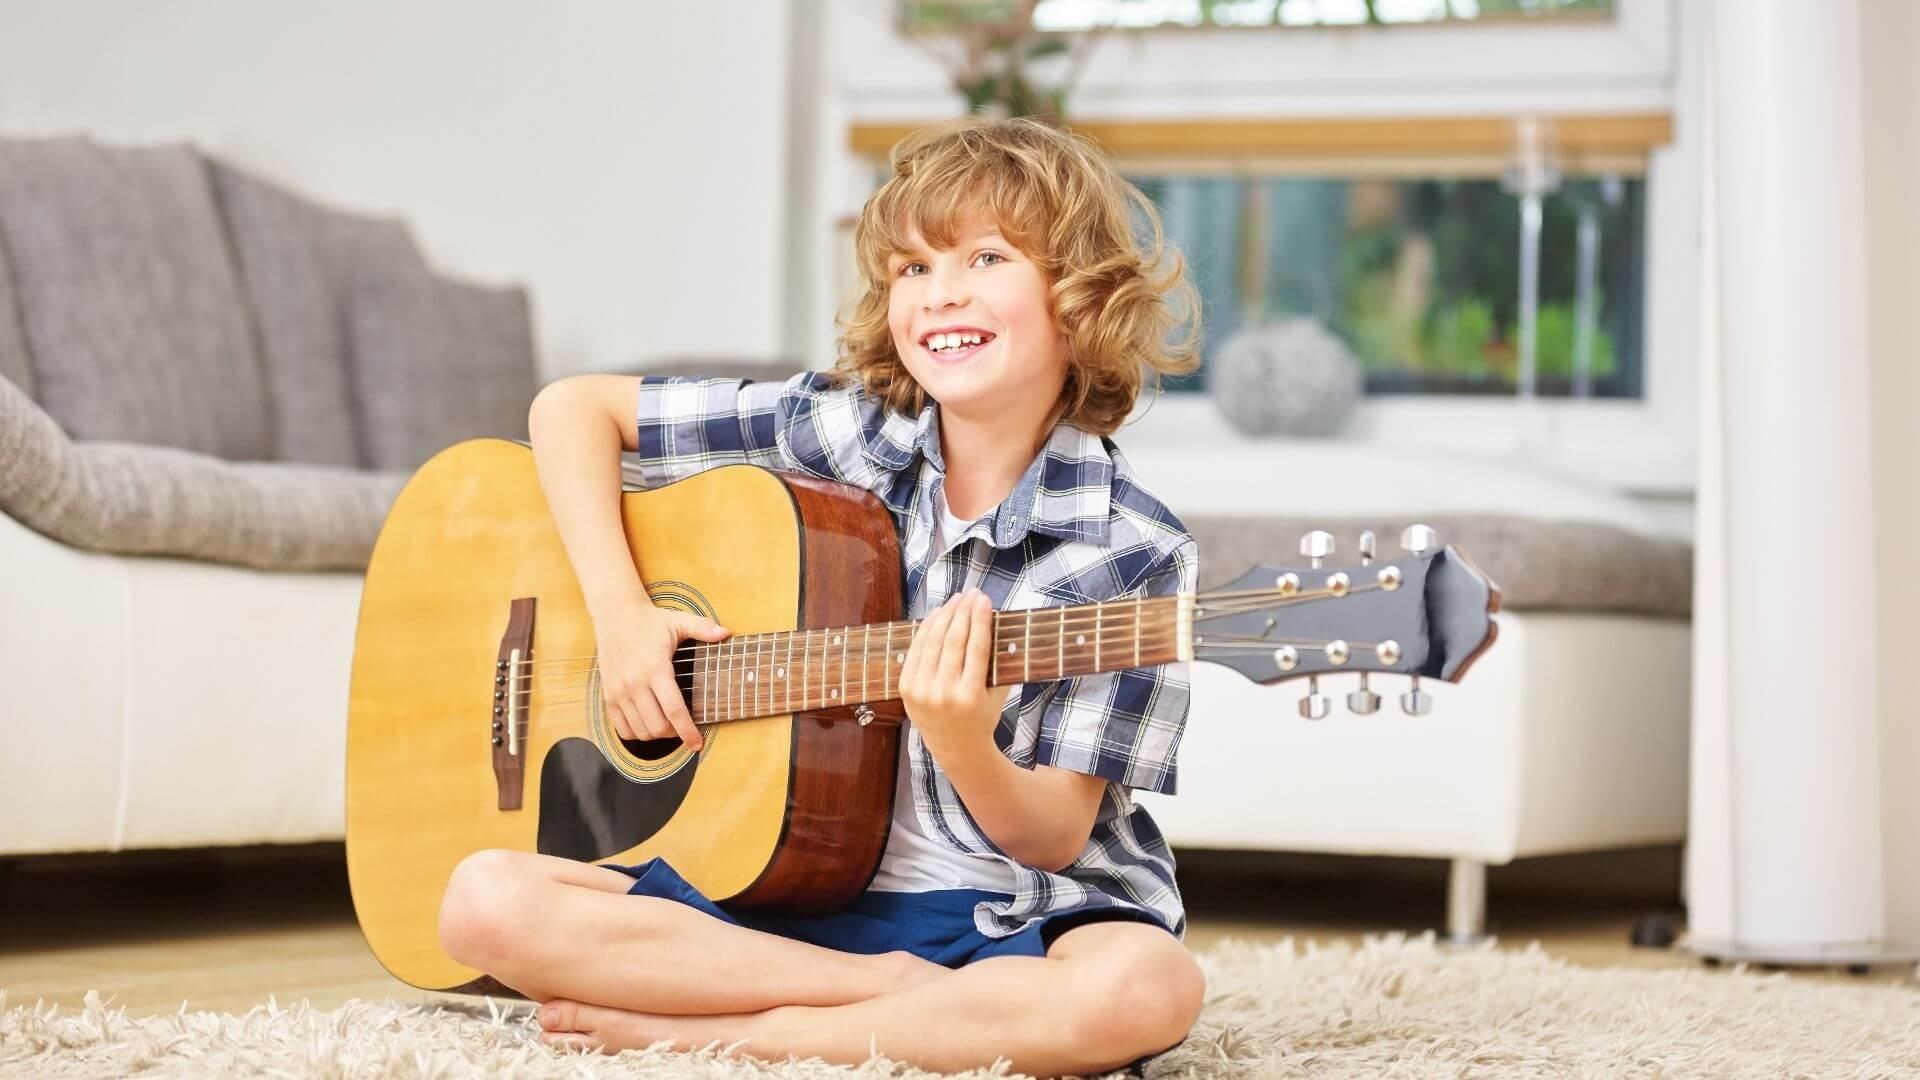 Sposób na lato pełne wrażeń: obóz gitarowy!